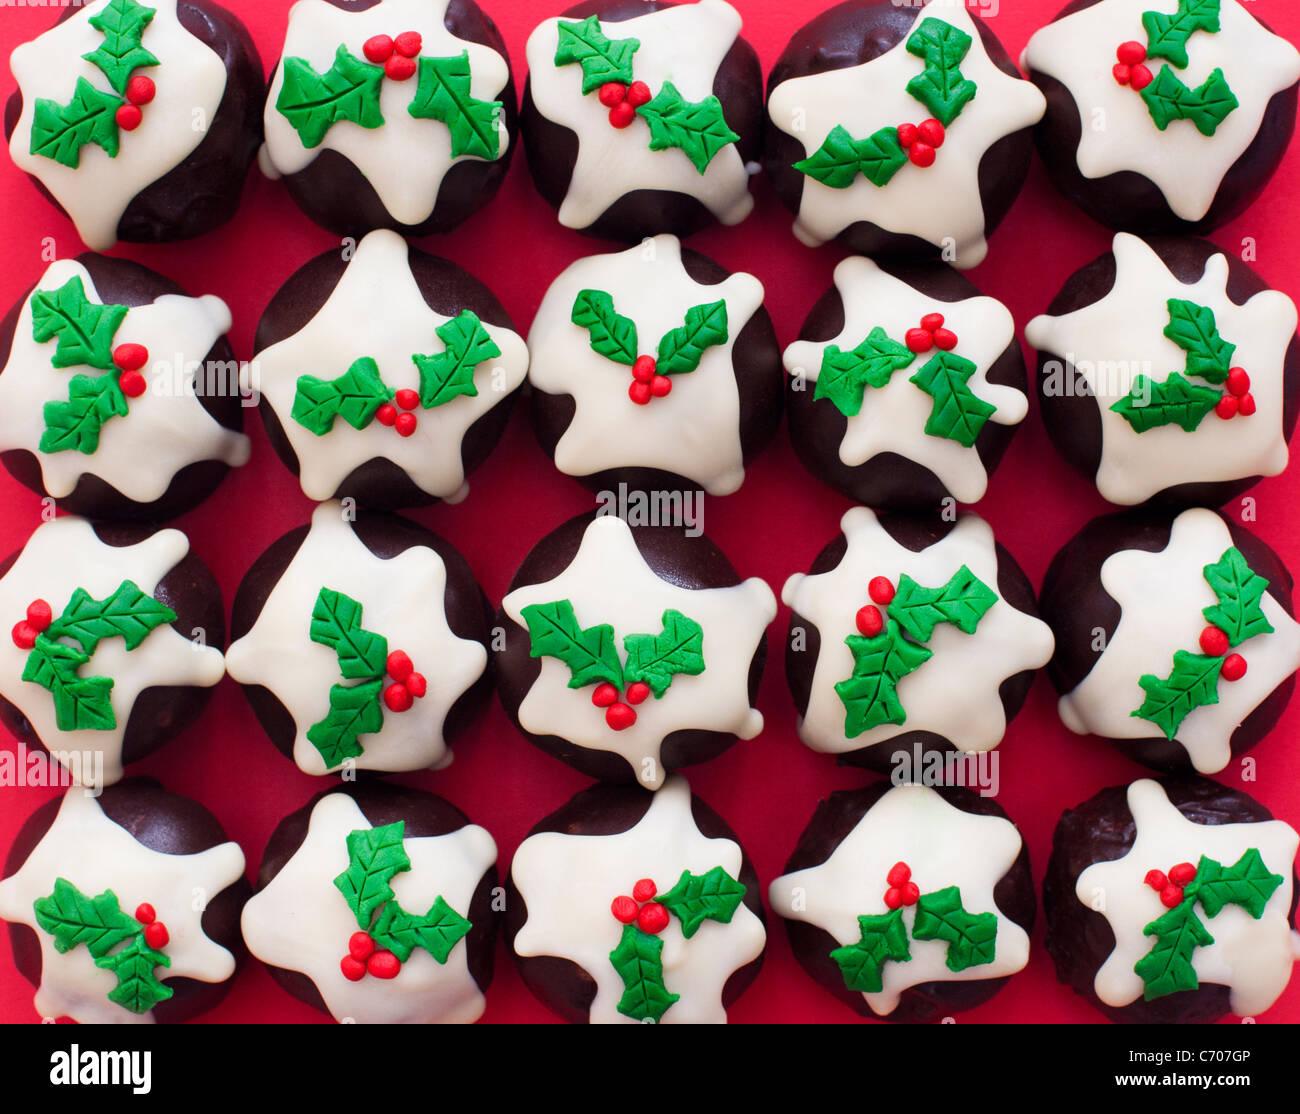 Homemade Christmas pudding chocolates - Stock Image